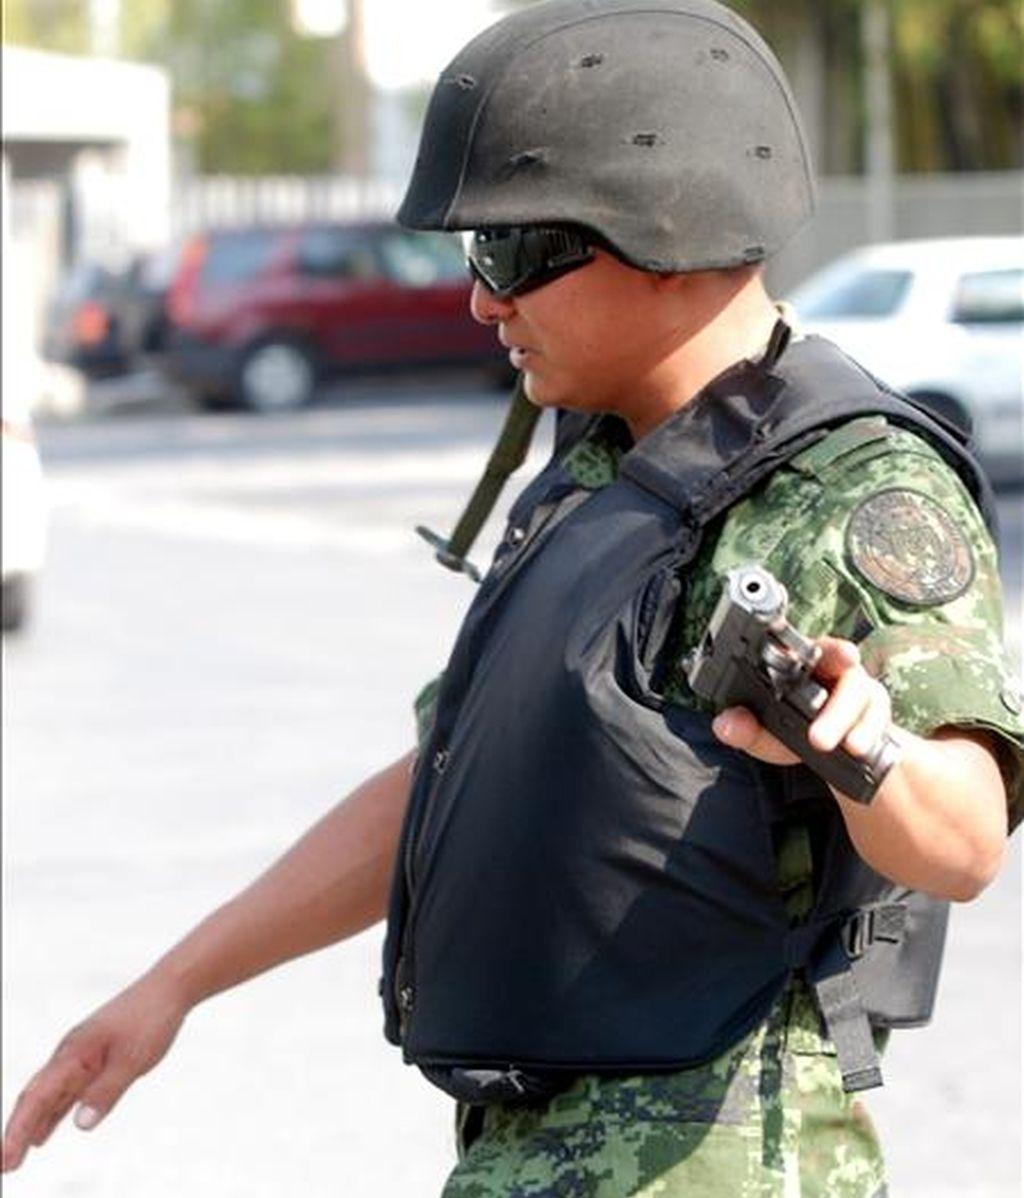 Militares y agentes federales mexicanos tomaron hoy el control de cuatro jefaturas policiales del estado norteño de Nuevo León y detuvieron a 29 policías que presuntamente colaboraban con los cárteles de la droga. EFE